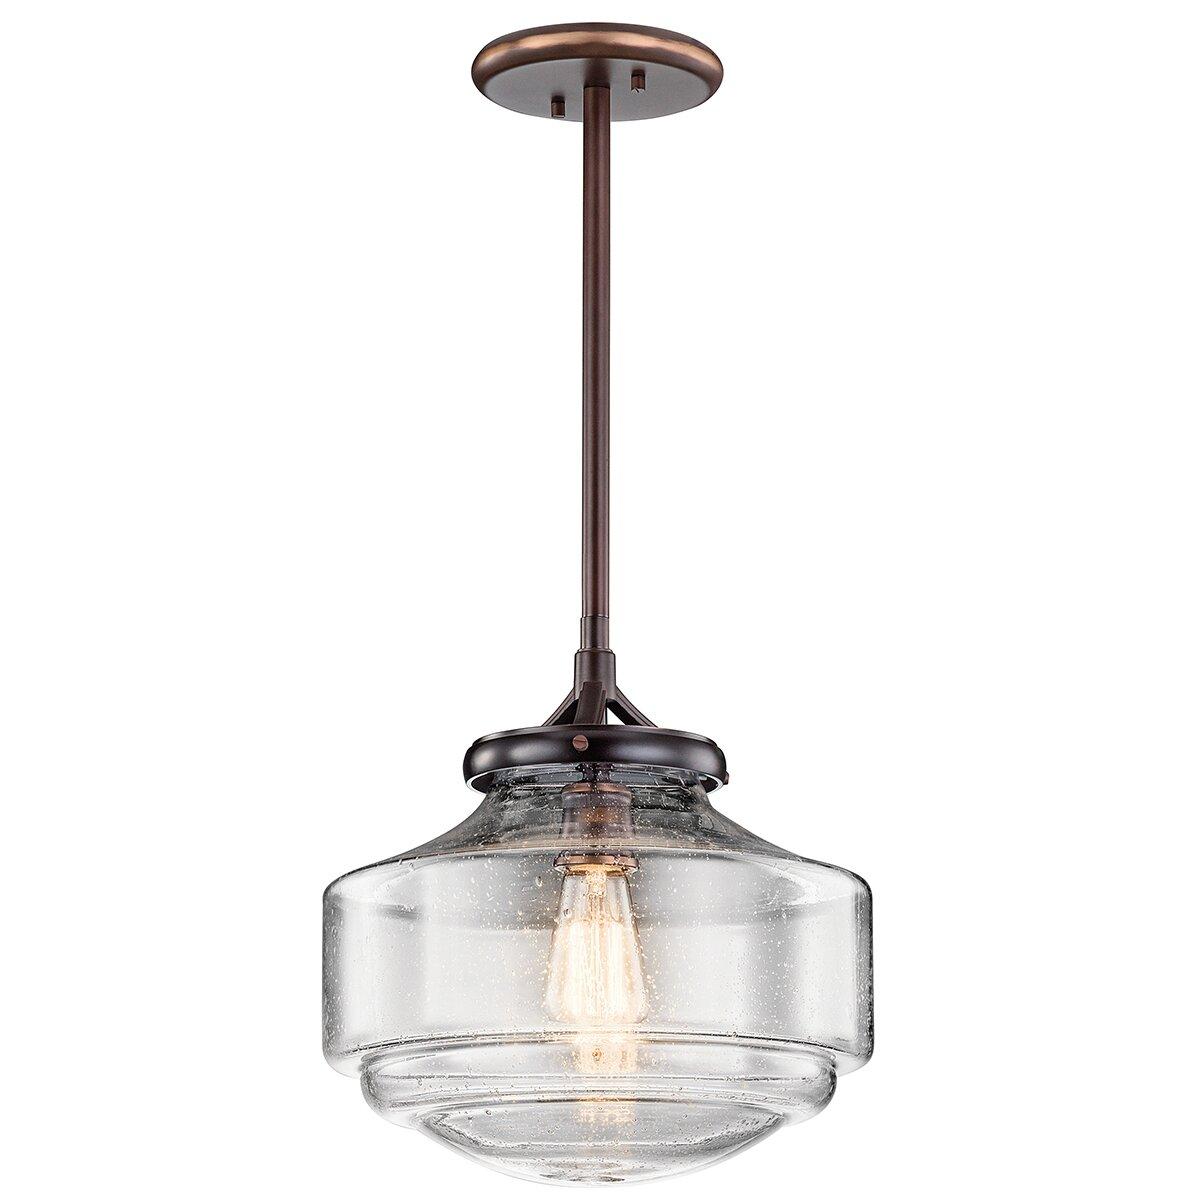 Kichler keller 1 light mini pendant reviews wayfair for Kichler kitchen pendant lighting